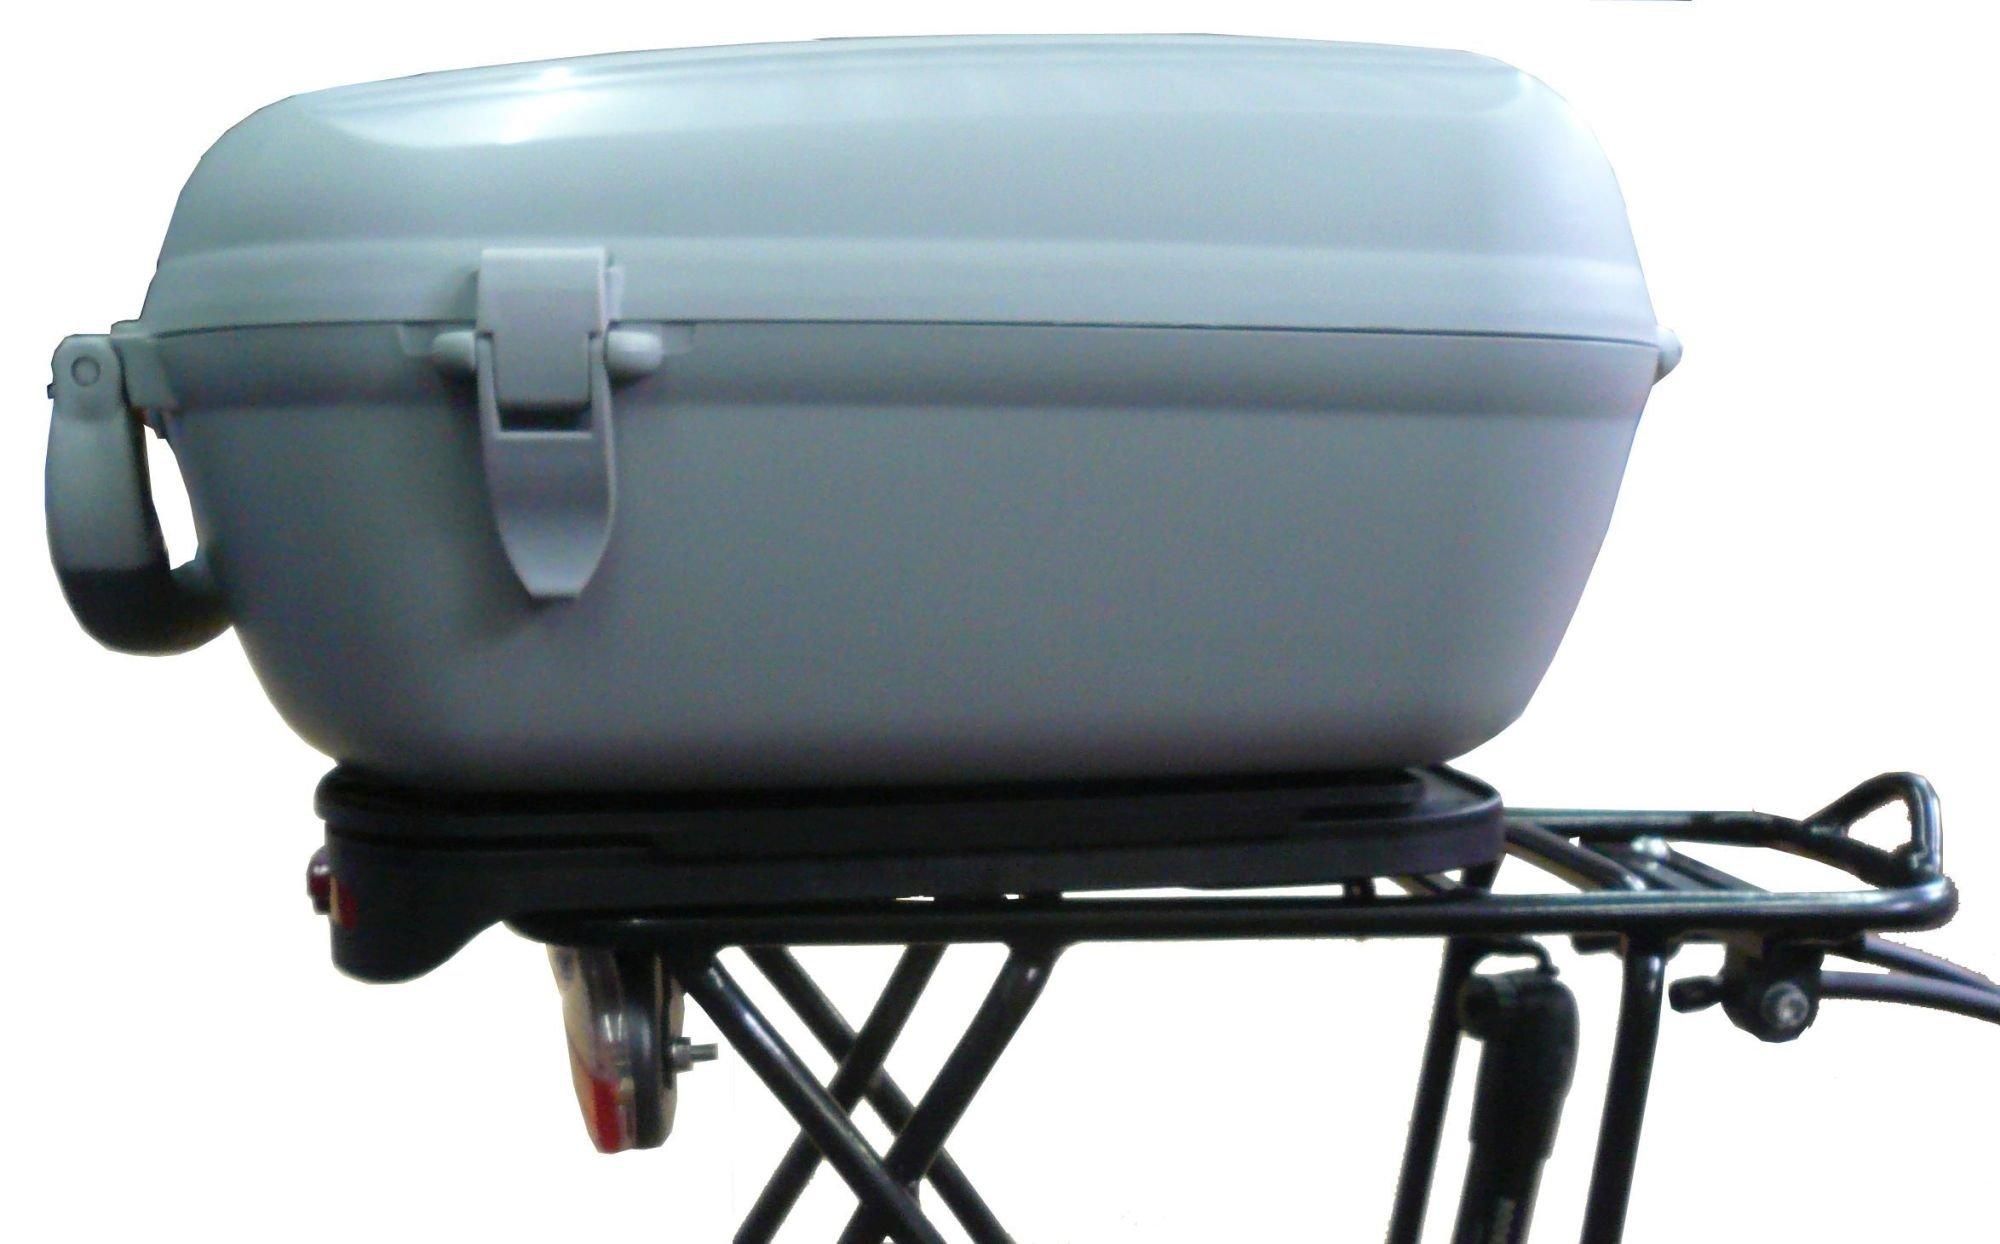 Pegasus Premio SL Fahrradbox inkl. Adapter